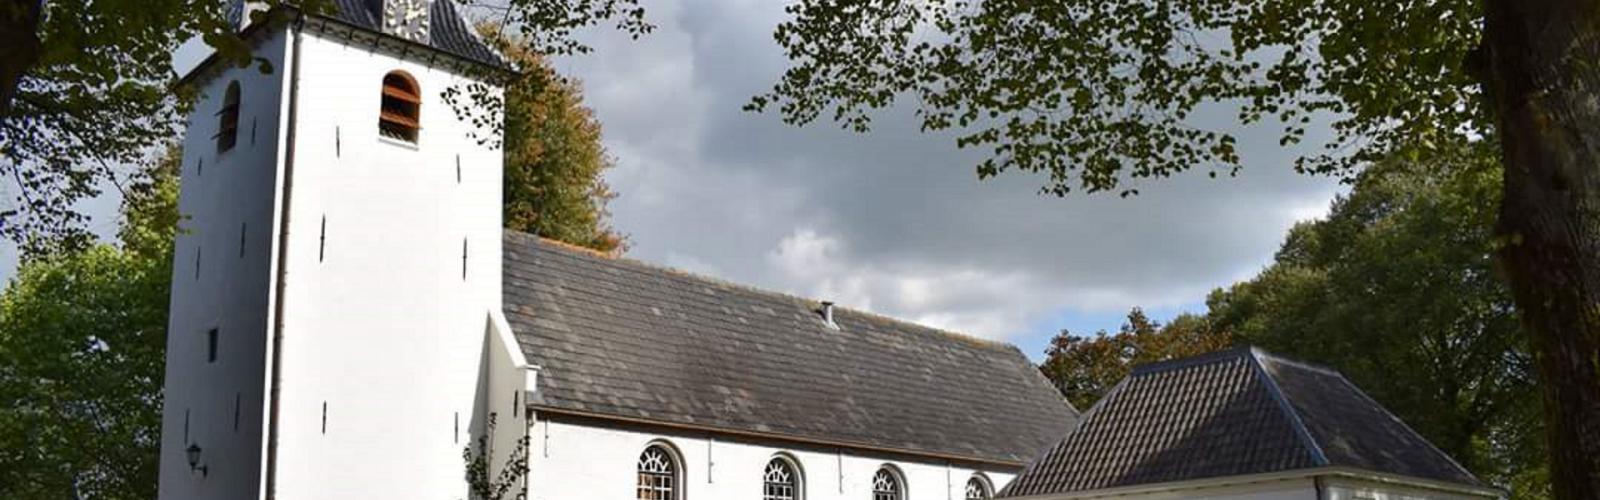 cropped-Foto-kerk-2-1600x500